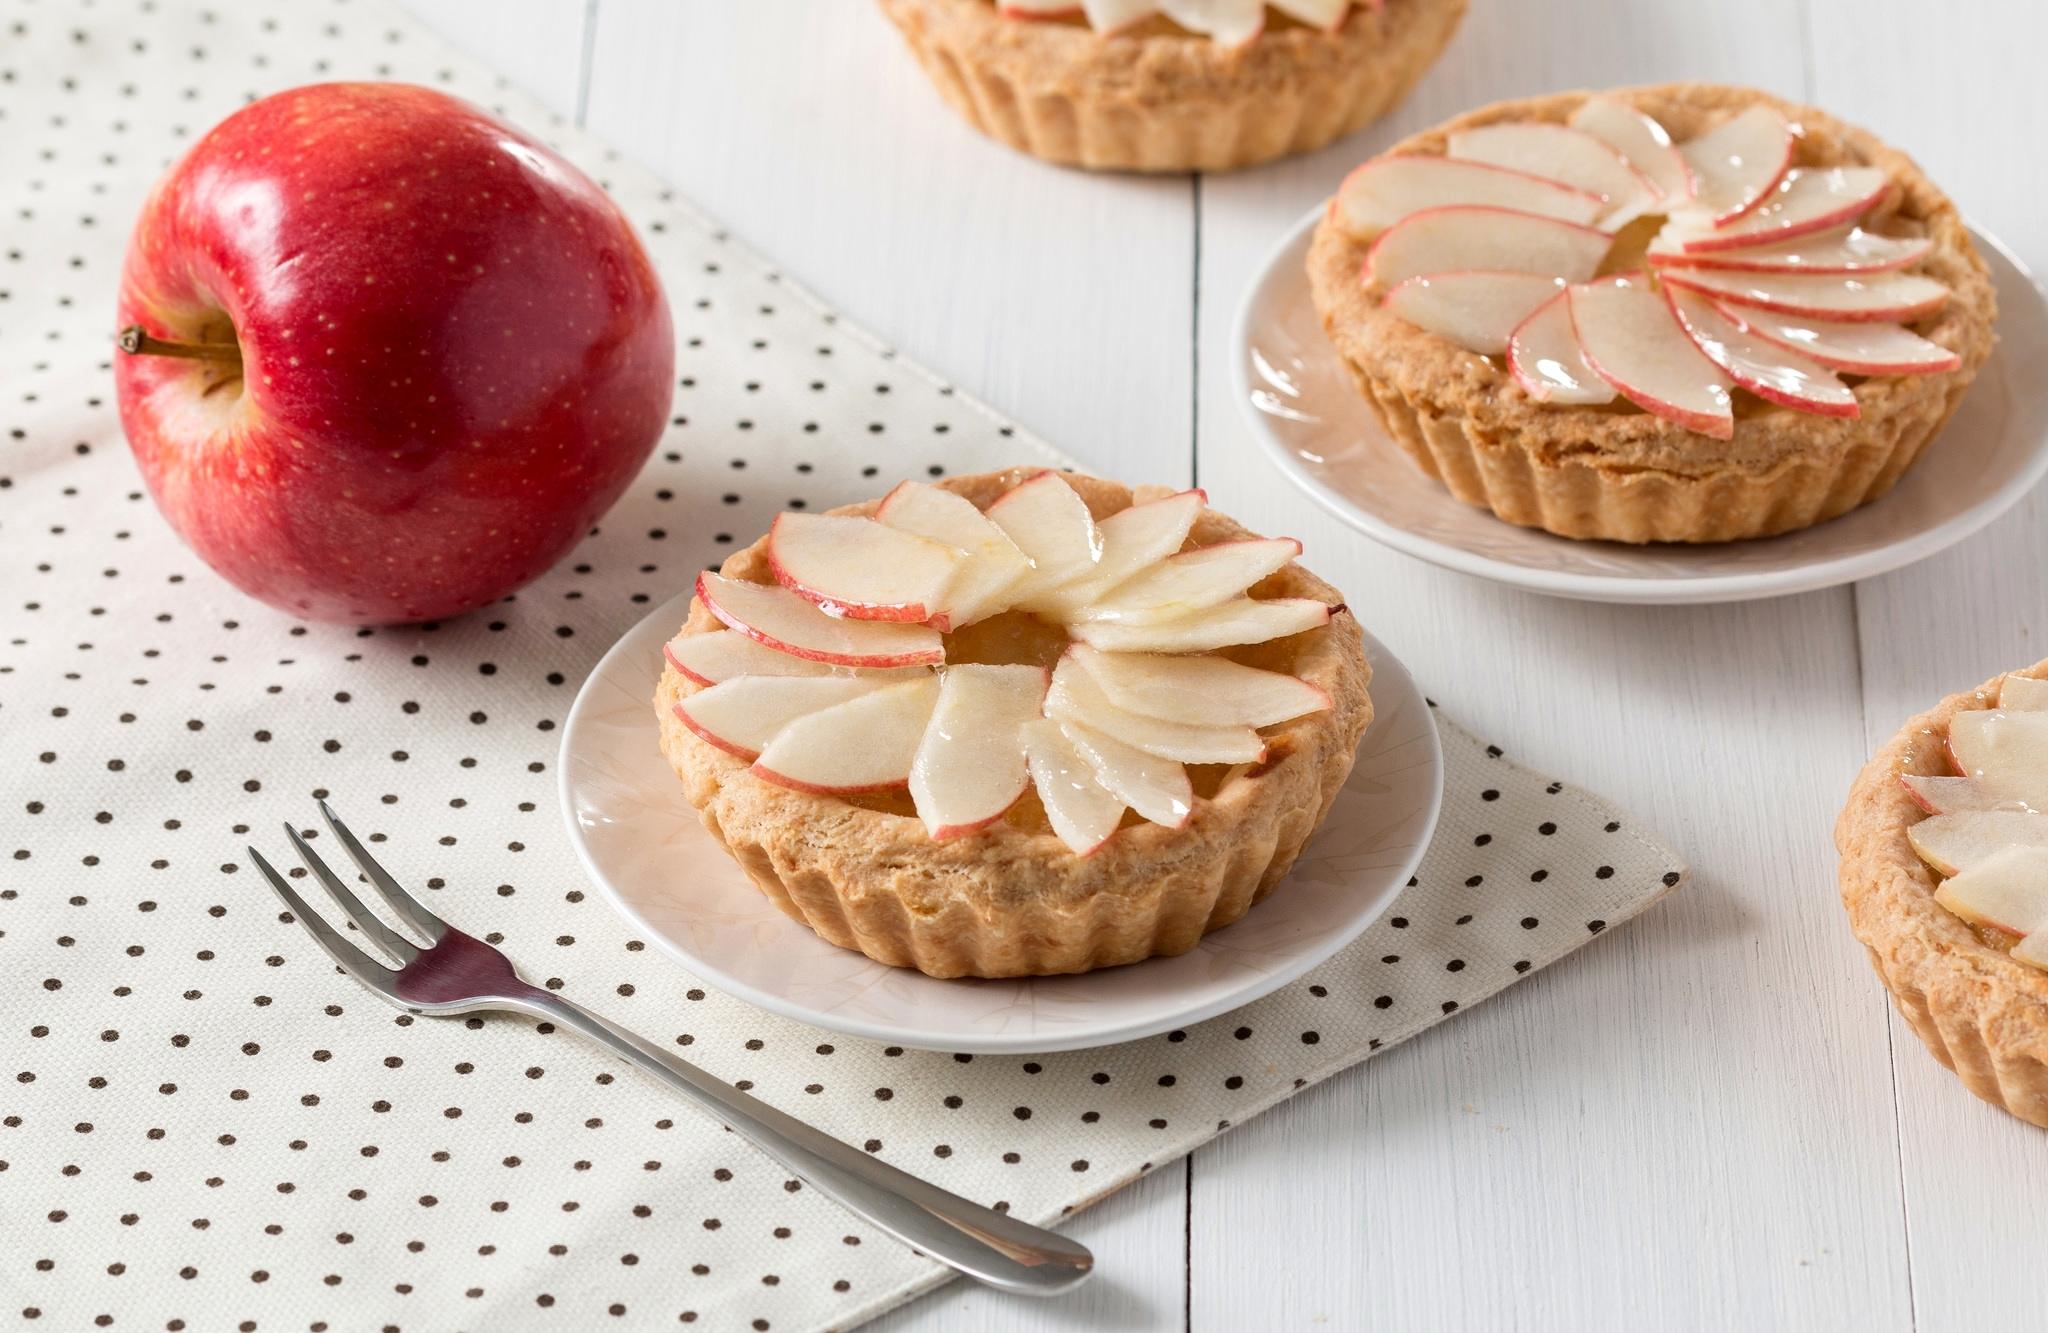 Картинки яблоки на столе сладости